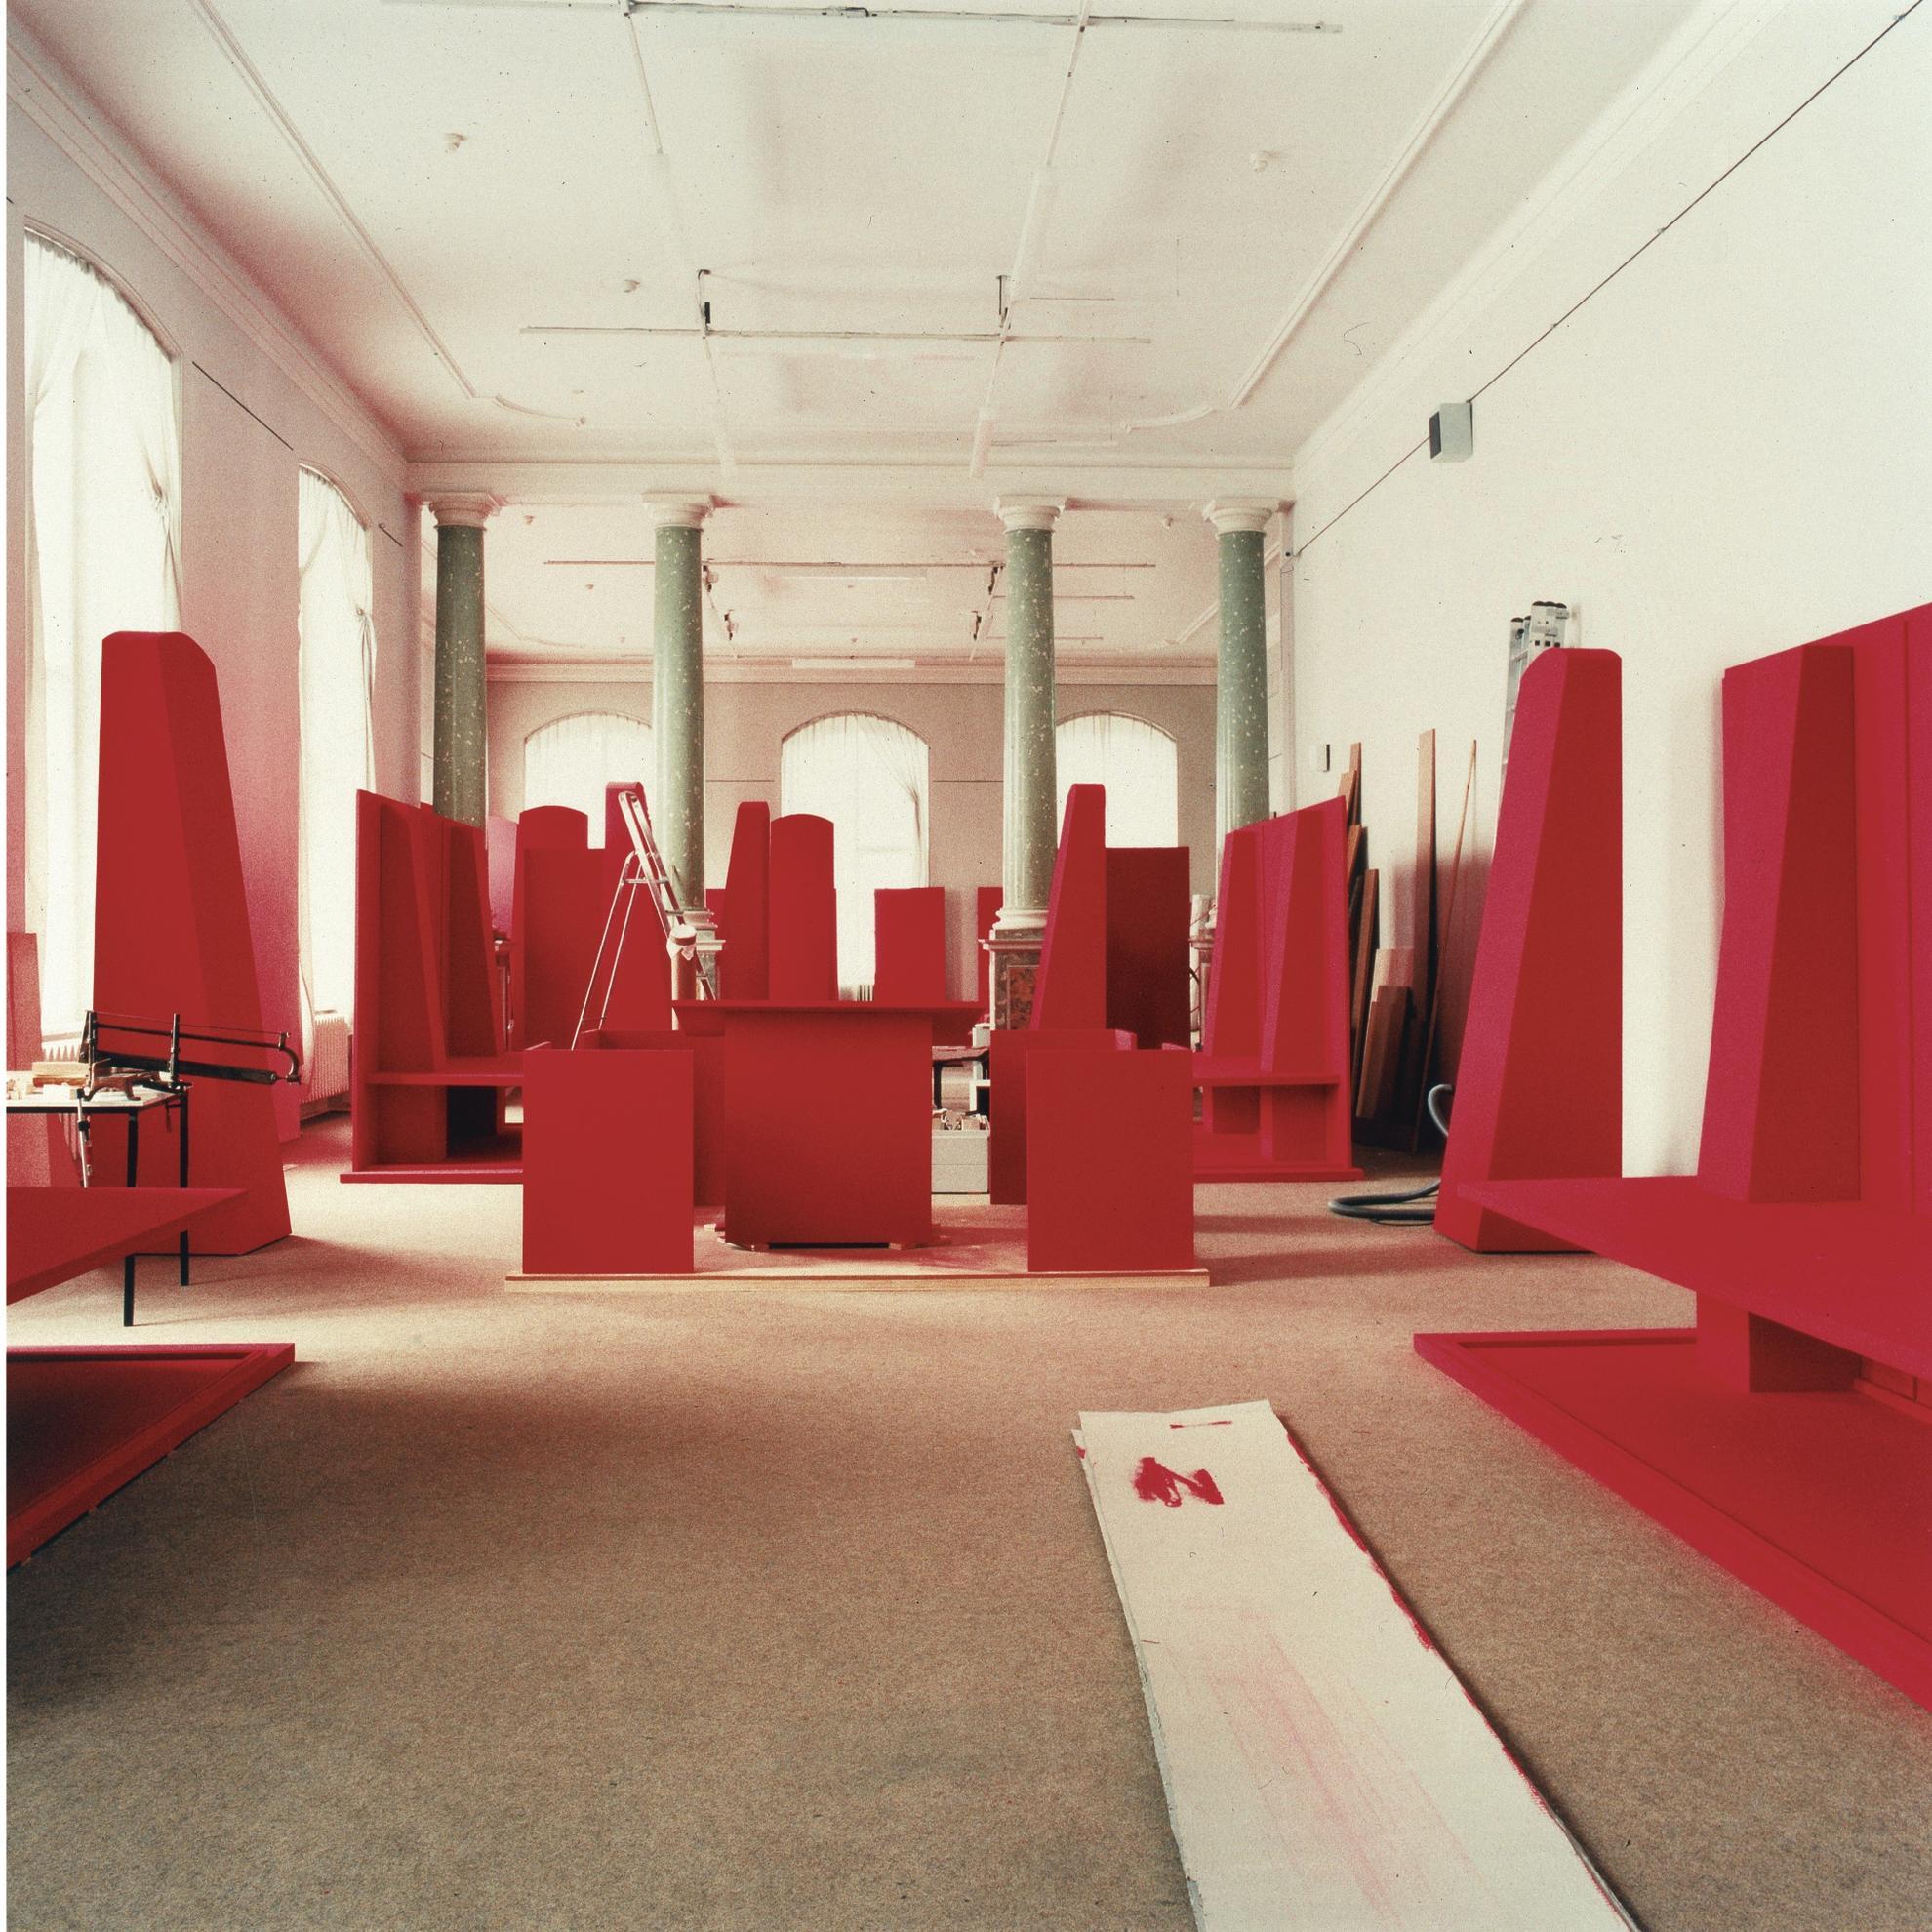 Candida Hofer-Museum Fur Volkerkunde Dresden III-1999